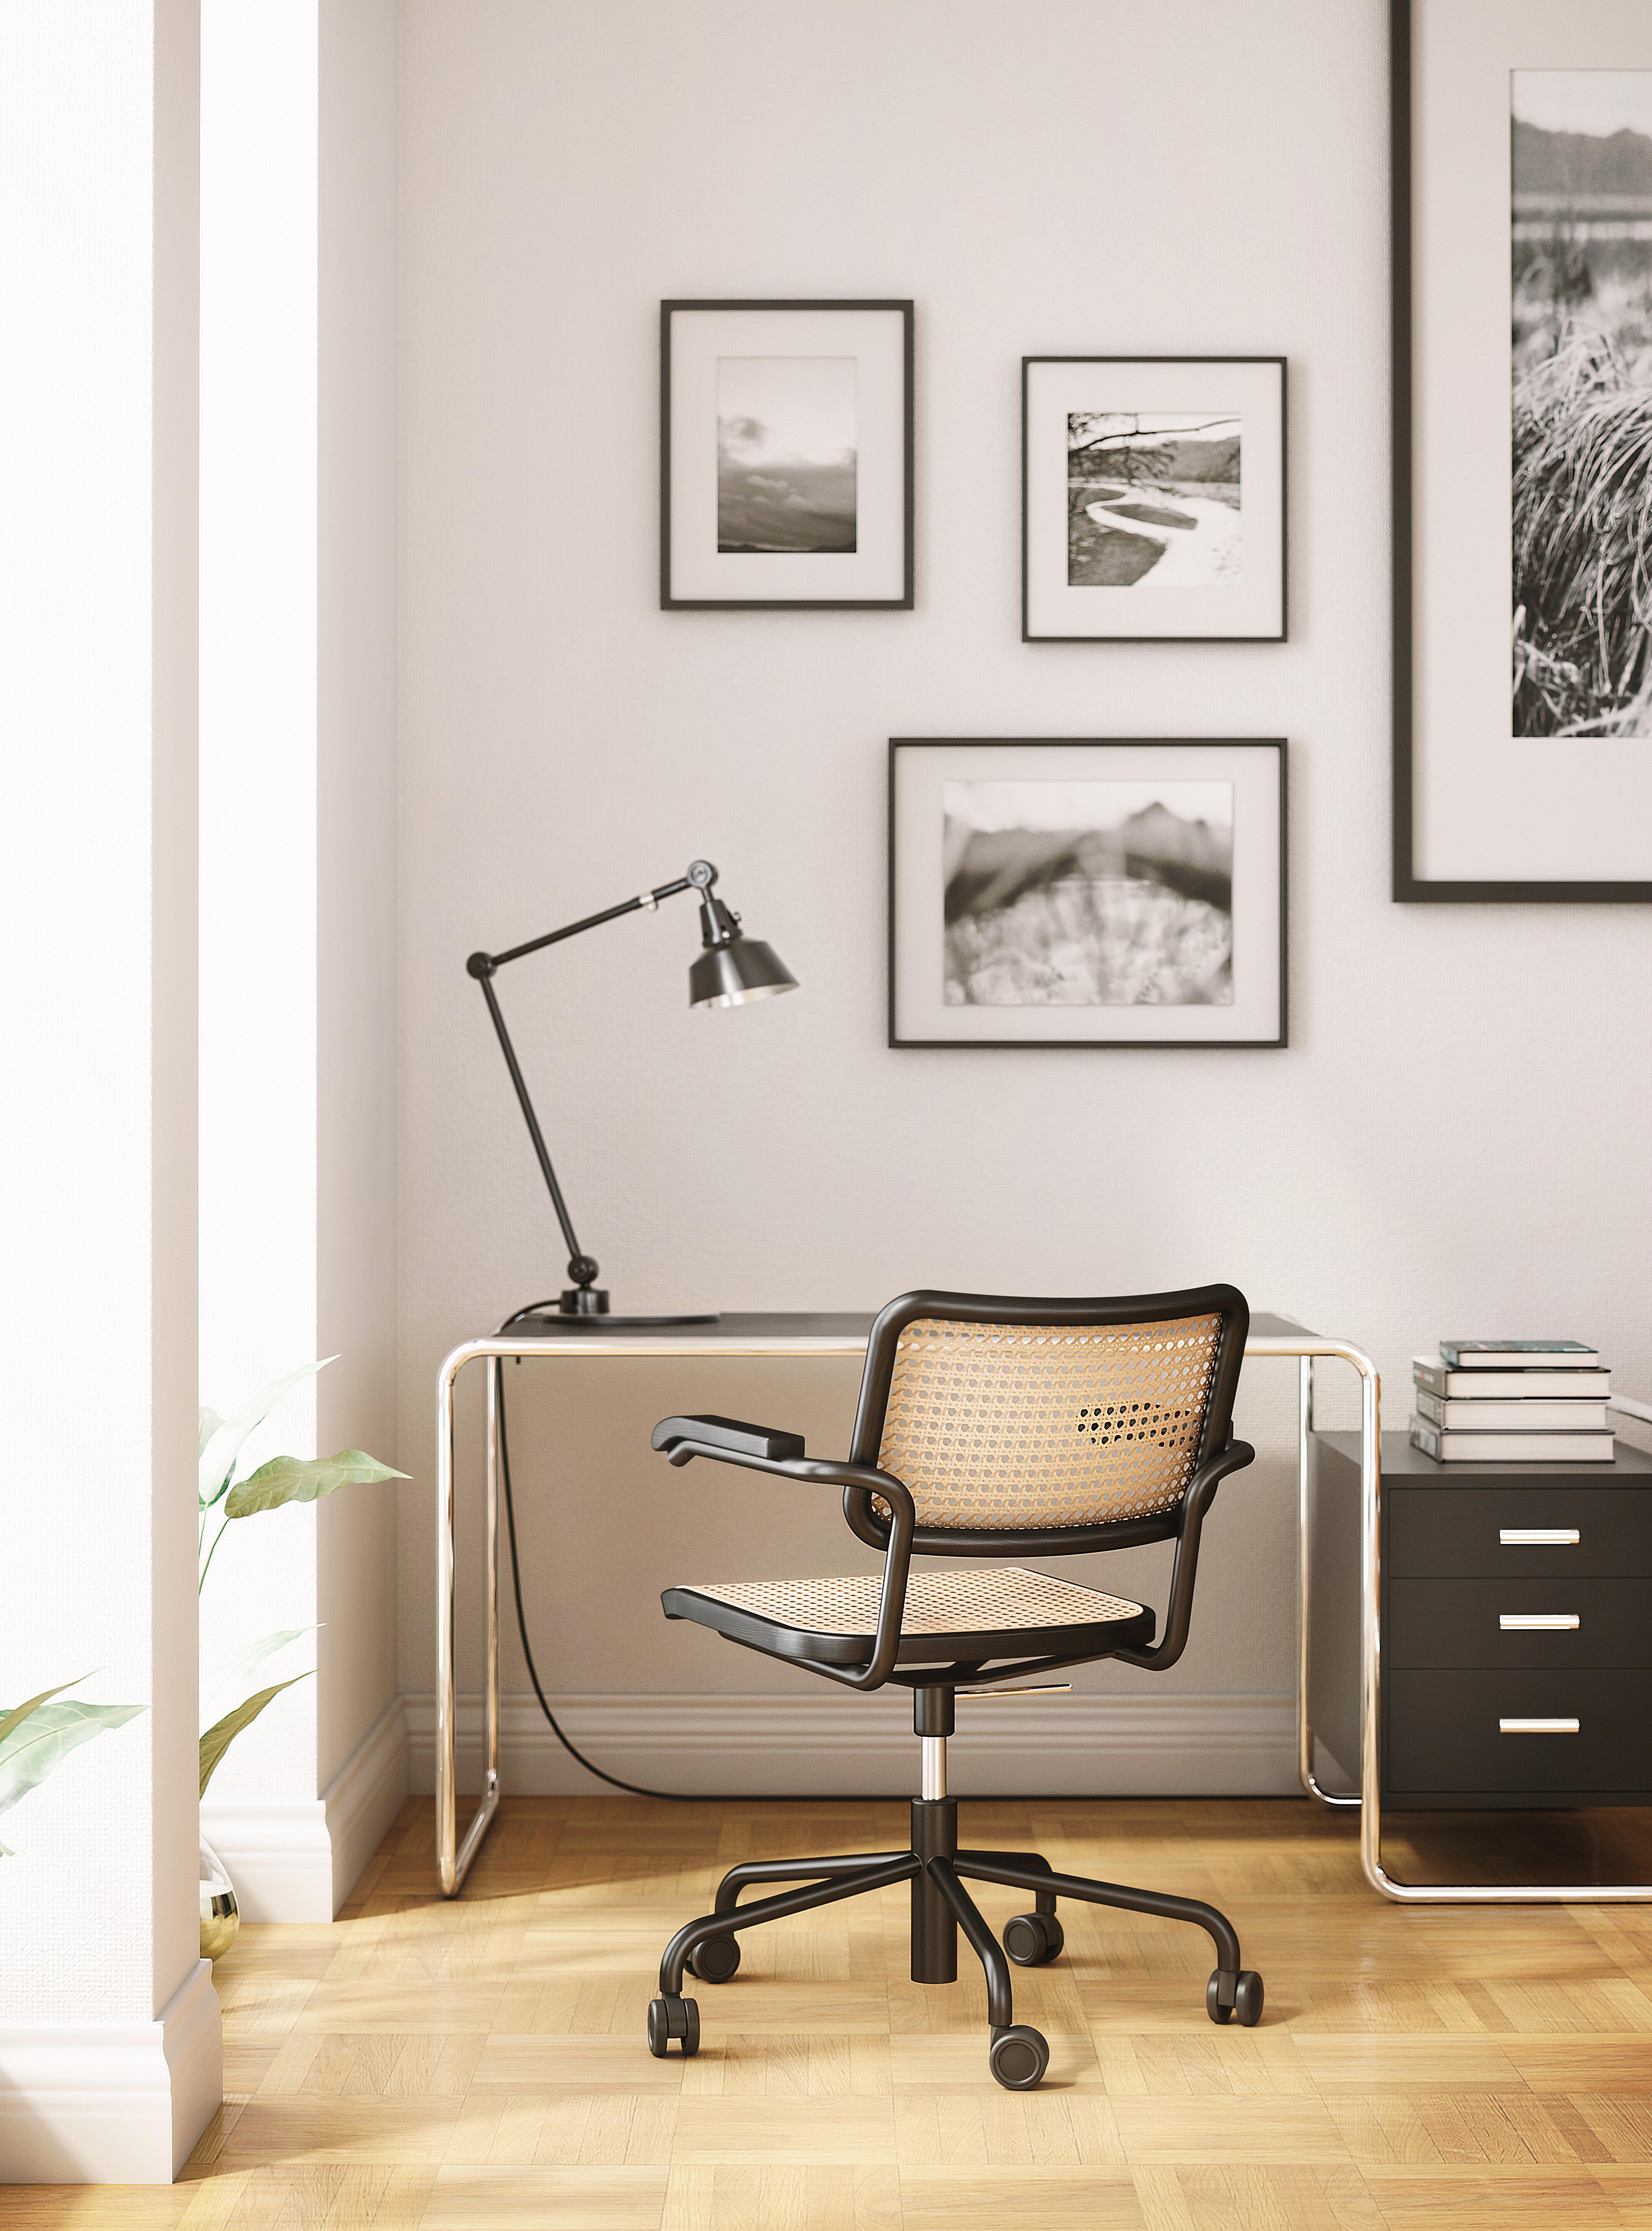 Thonet_Home Office_S 285_S 64 VDR_02